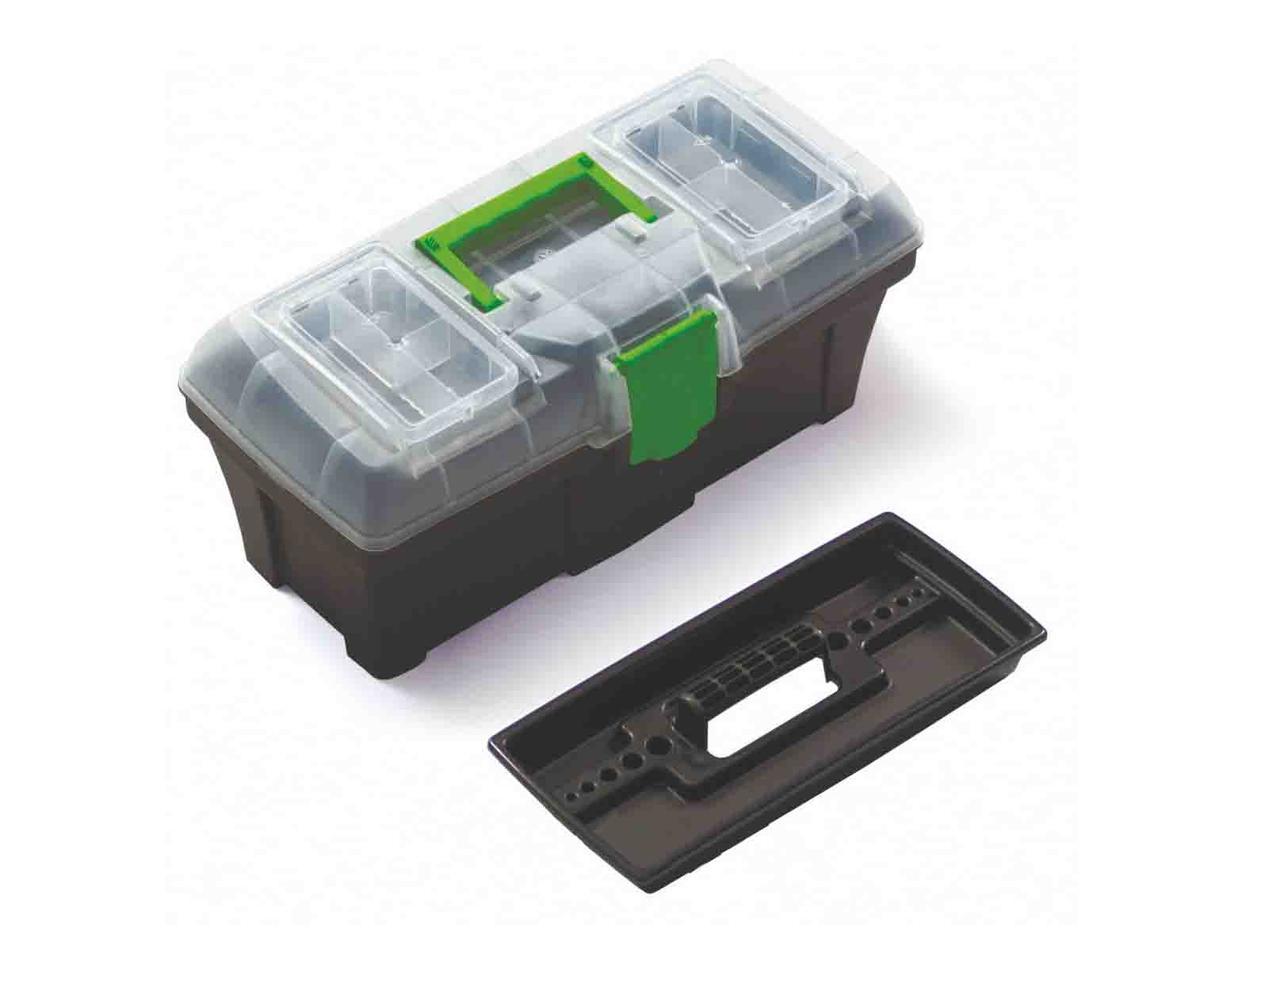 Ящик для инструментов с с органайзером в крышке Green box 25 пластиковый ТМ приговор 597 x 285 x 320 мм -